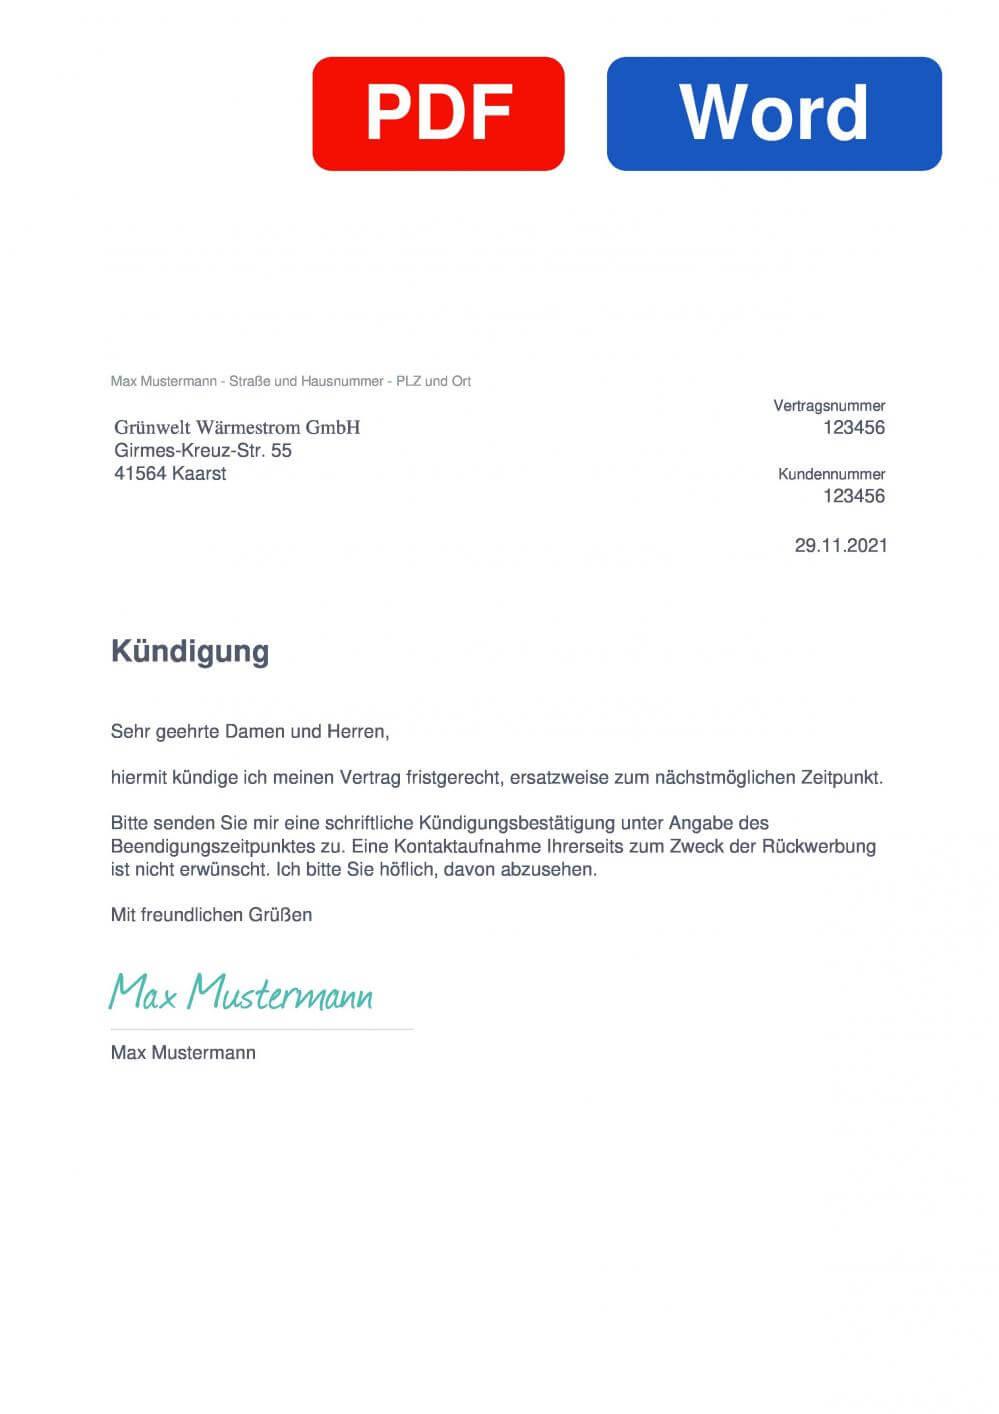 Grüngas Muster Vorlage für Kündigungsschreiben